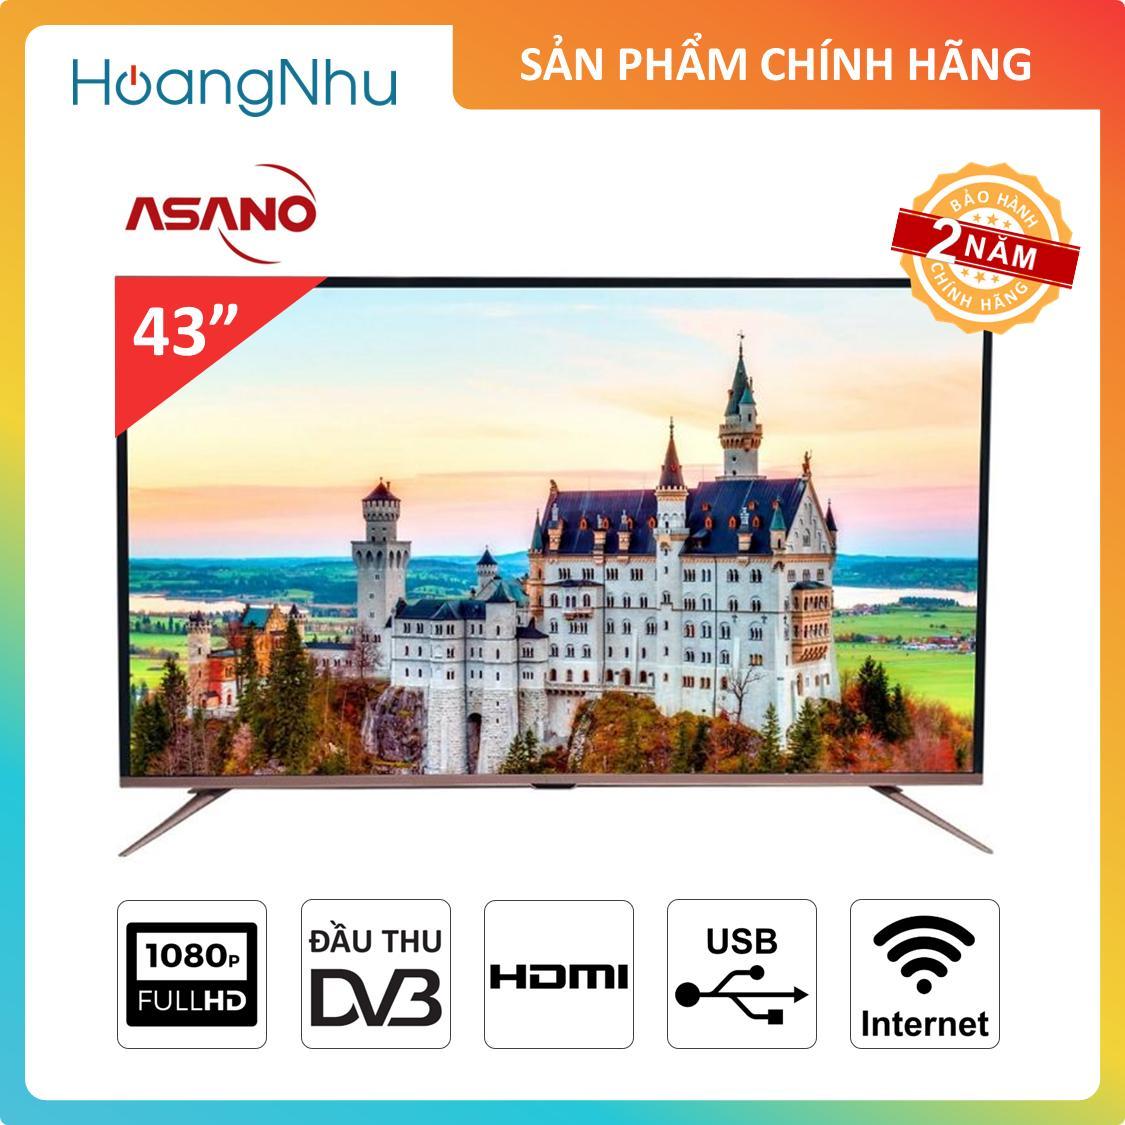 Bảng giá Smart TV Asano 43 inch 43EK3 (Tivi thông minh, Full HD, Wifi, Tích hợp truyền hình KTS) - Bảo hành 2 năm